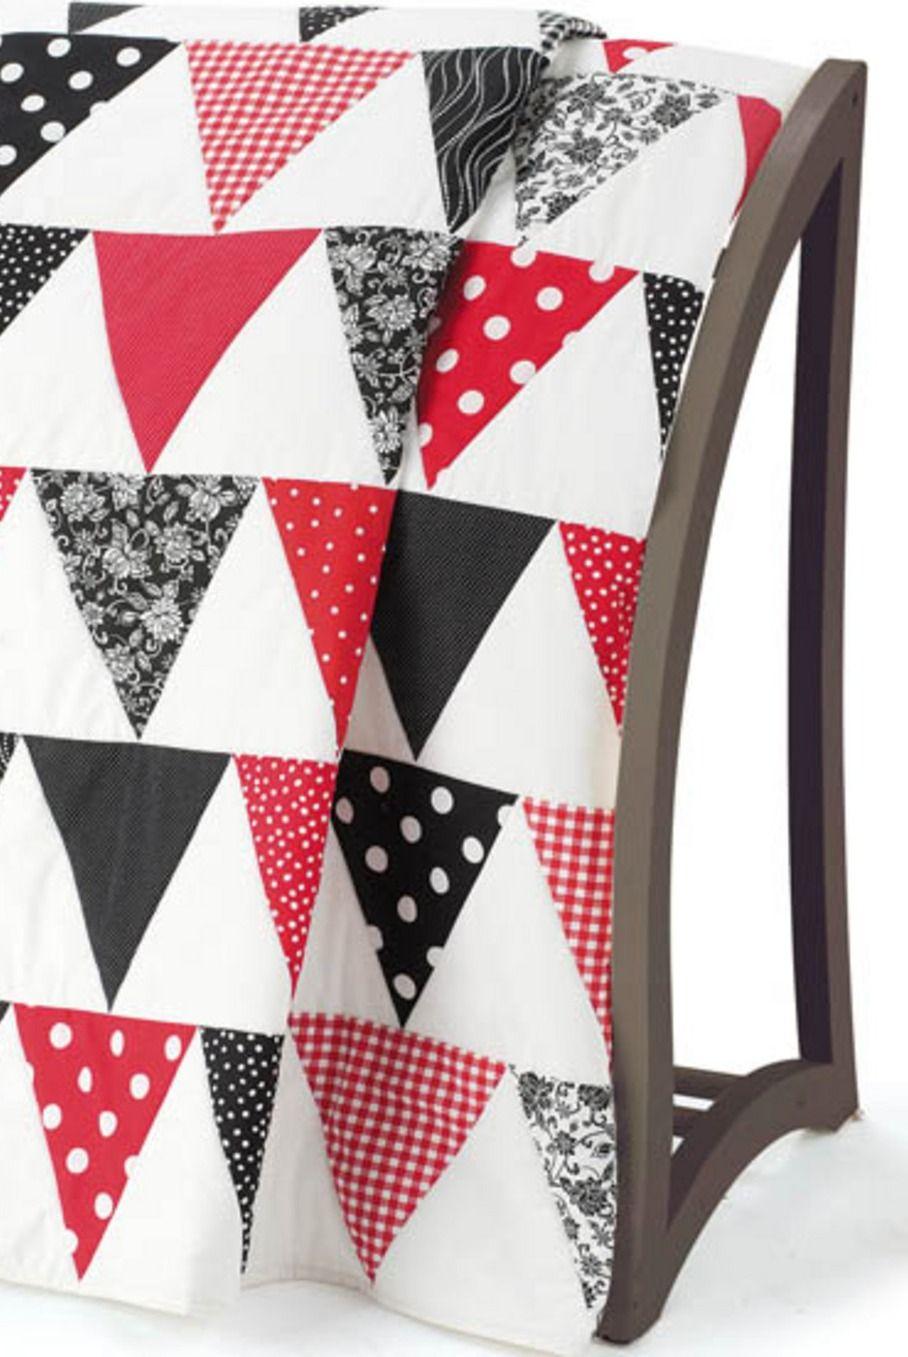 Triangle Quilt Patterns Best Design Ideas